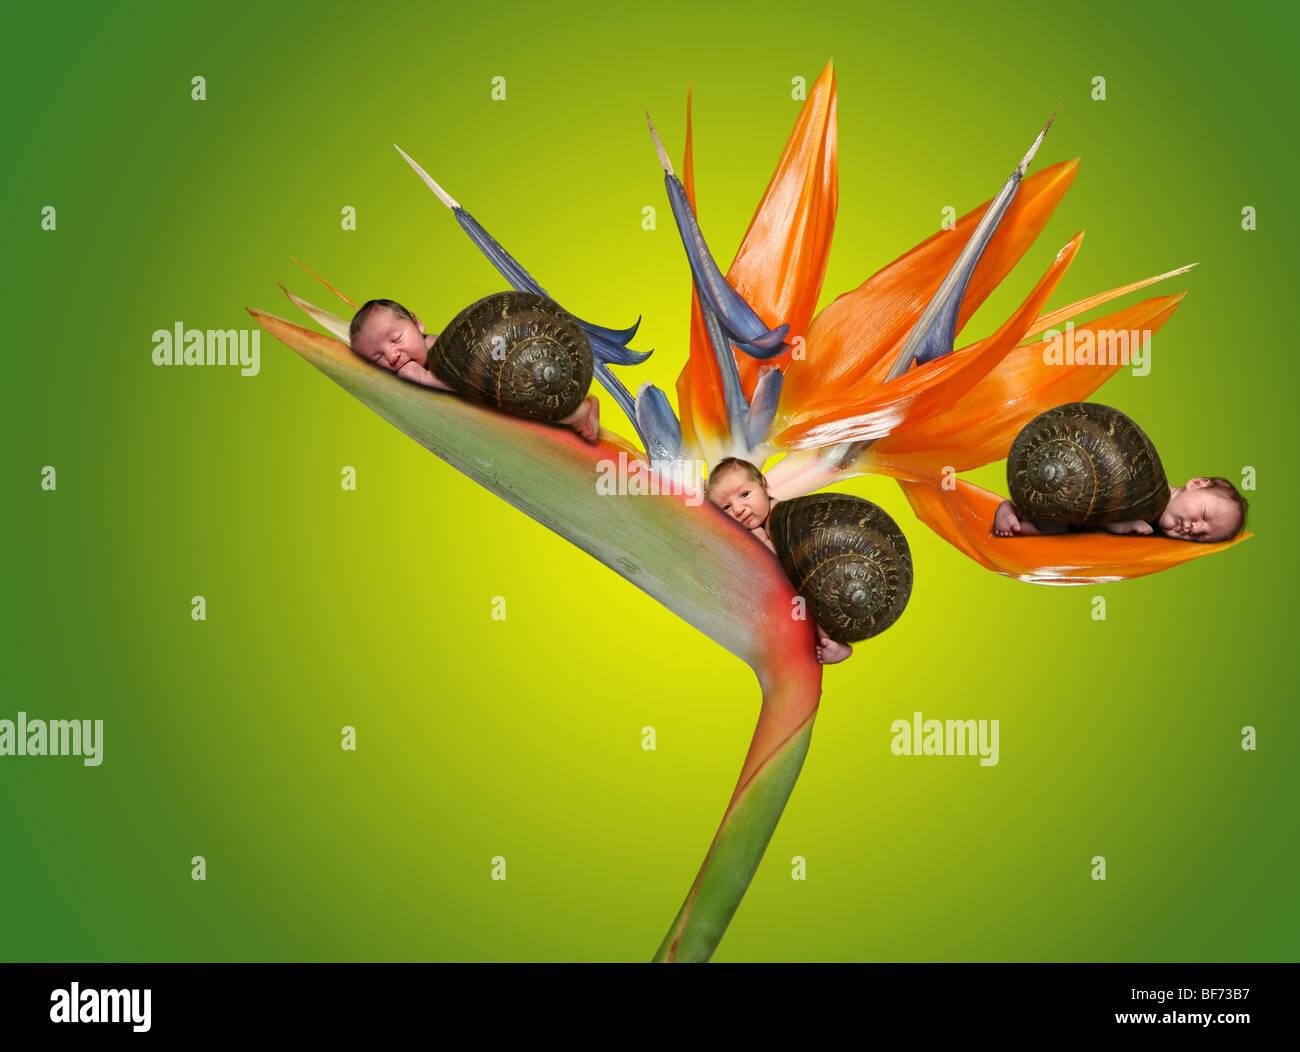 Tres pequeños bebés acostado sobre una flor. Imagen retrato surrealista Fantasía Imagen De Stock